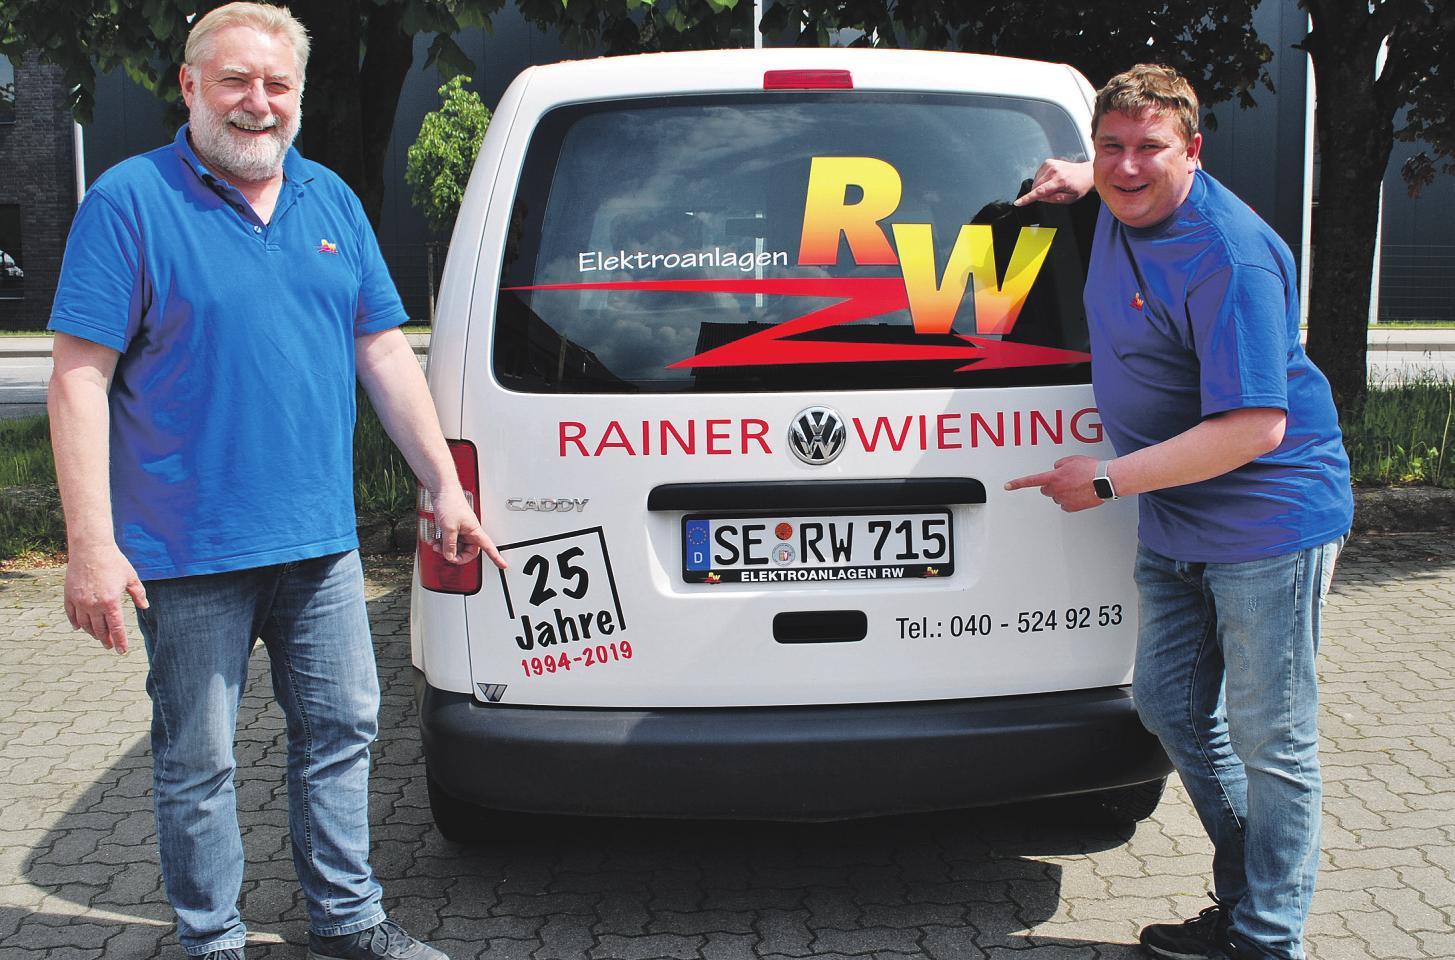 Rainer Wiening (l.) und Andreas Pehlke führen die Geschäfte des Elektroanlagen-Unternehmens im Jahr des 25-jährigen Bestehens der Firma am Hummelsbütteler Steindamm Foto: Tina Jordan